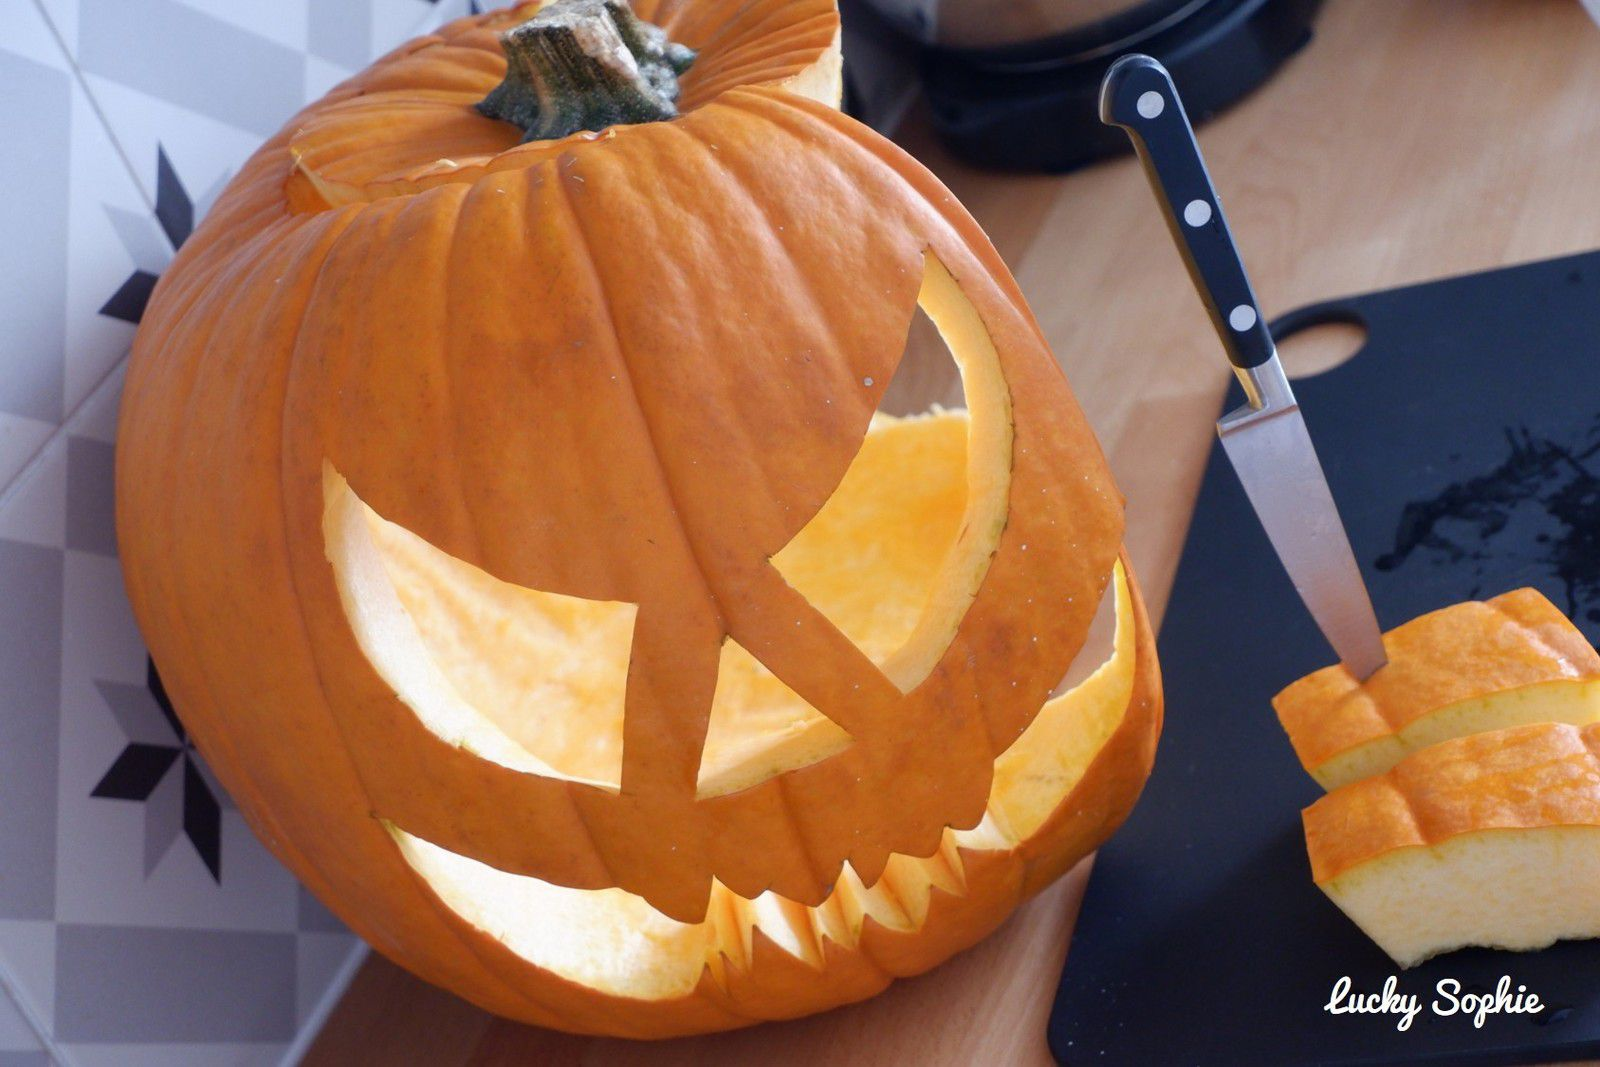 Cuisiner la citrouille sculptée d'Halloween